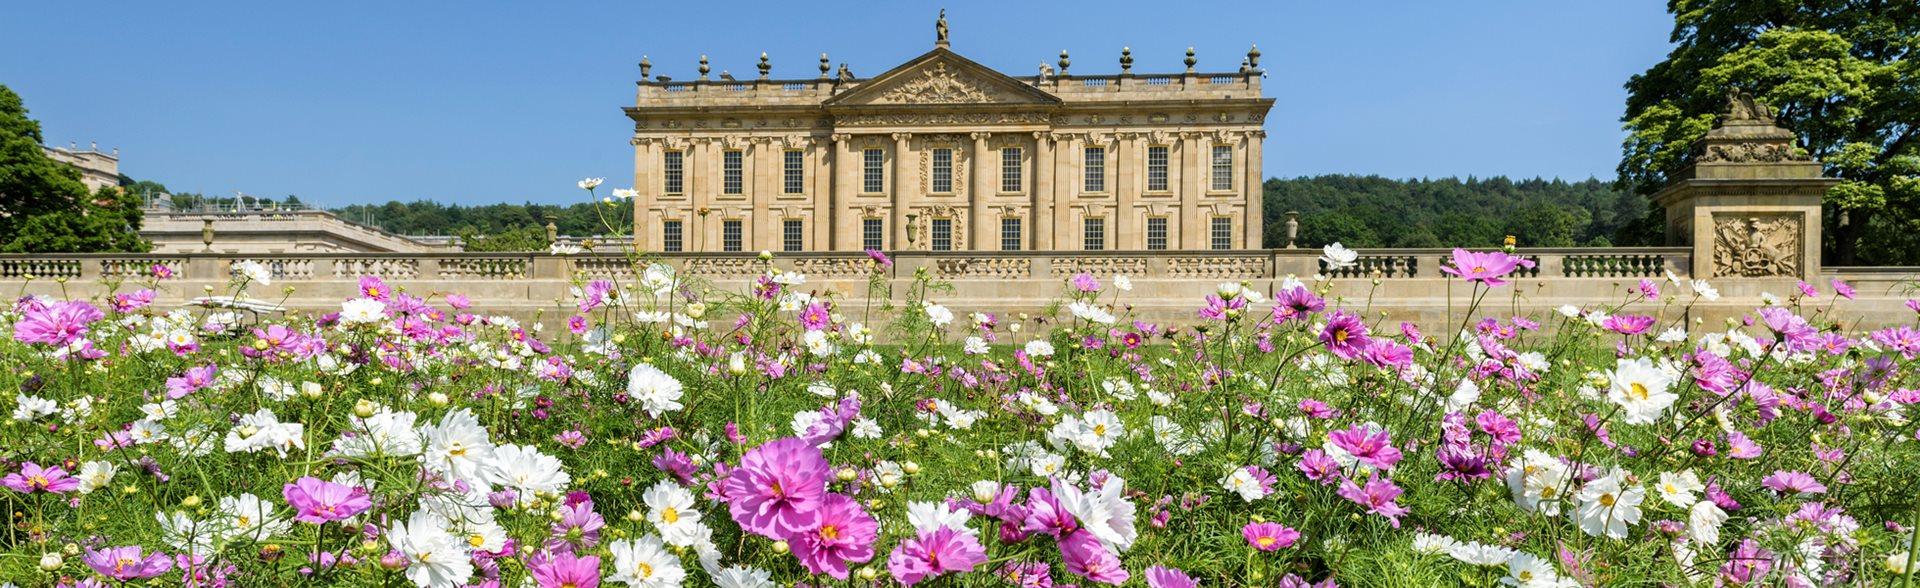 Royal Horticultural Society Homepage Screenshot